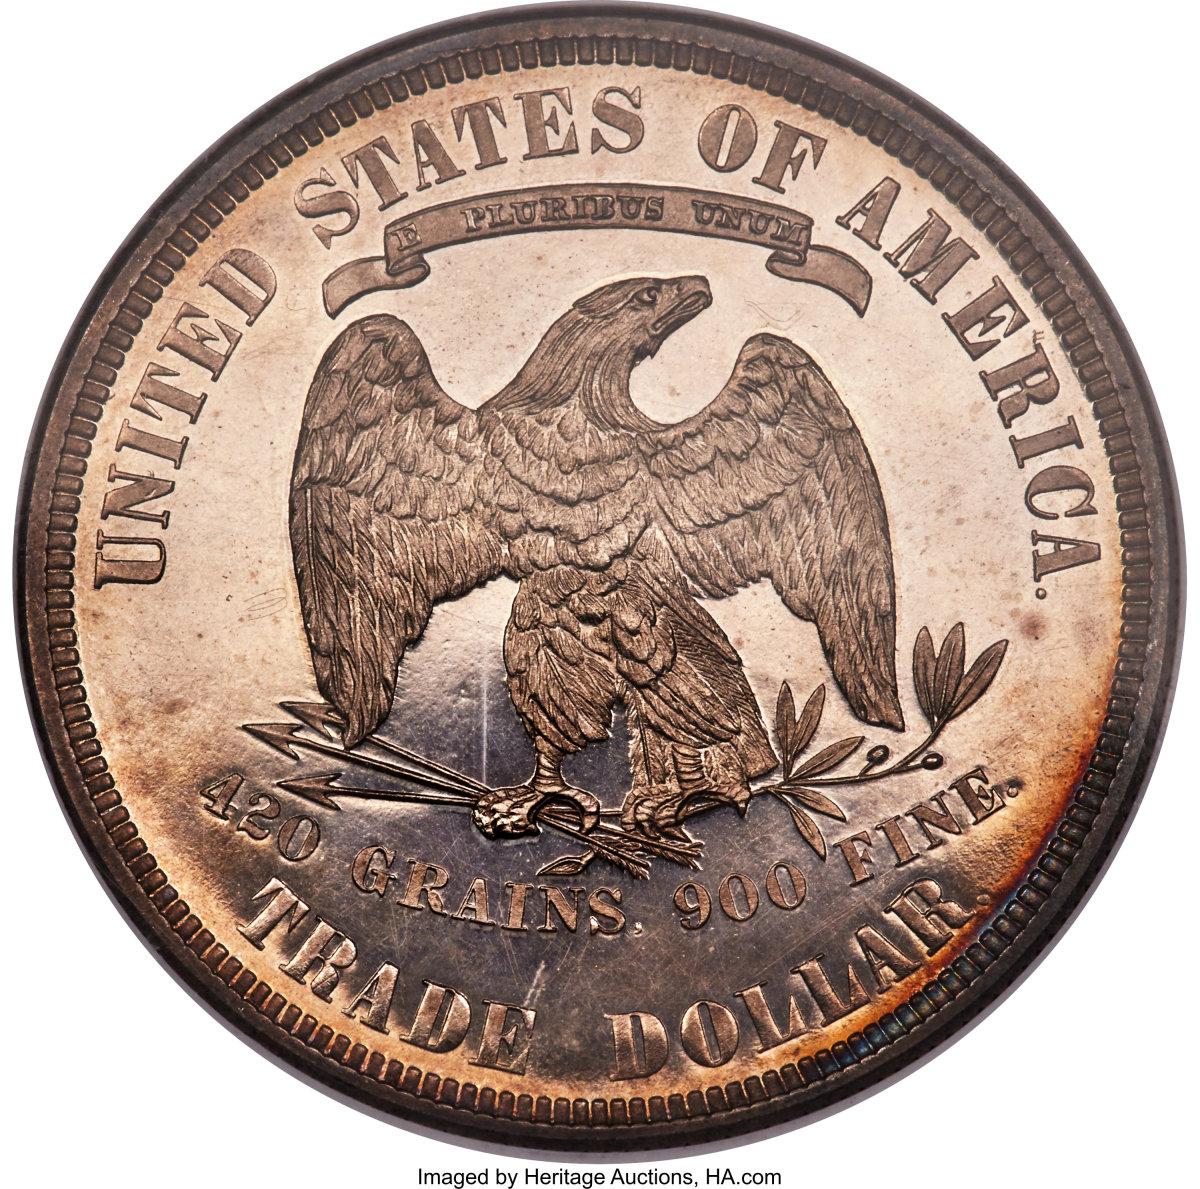 1885 Trade Dollar reverse